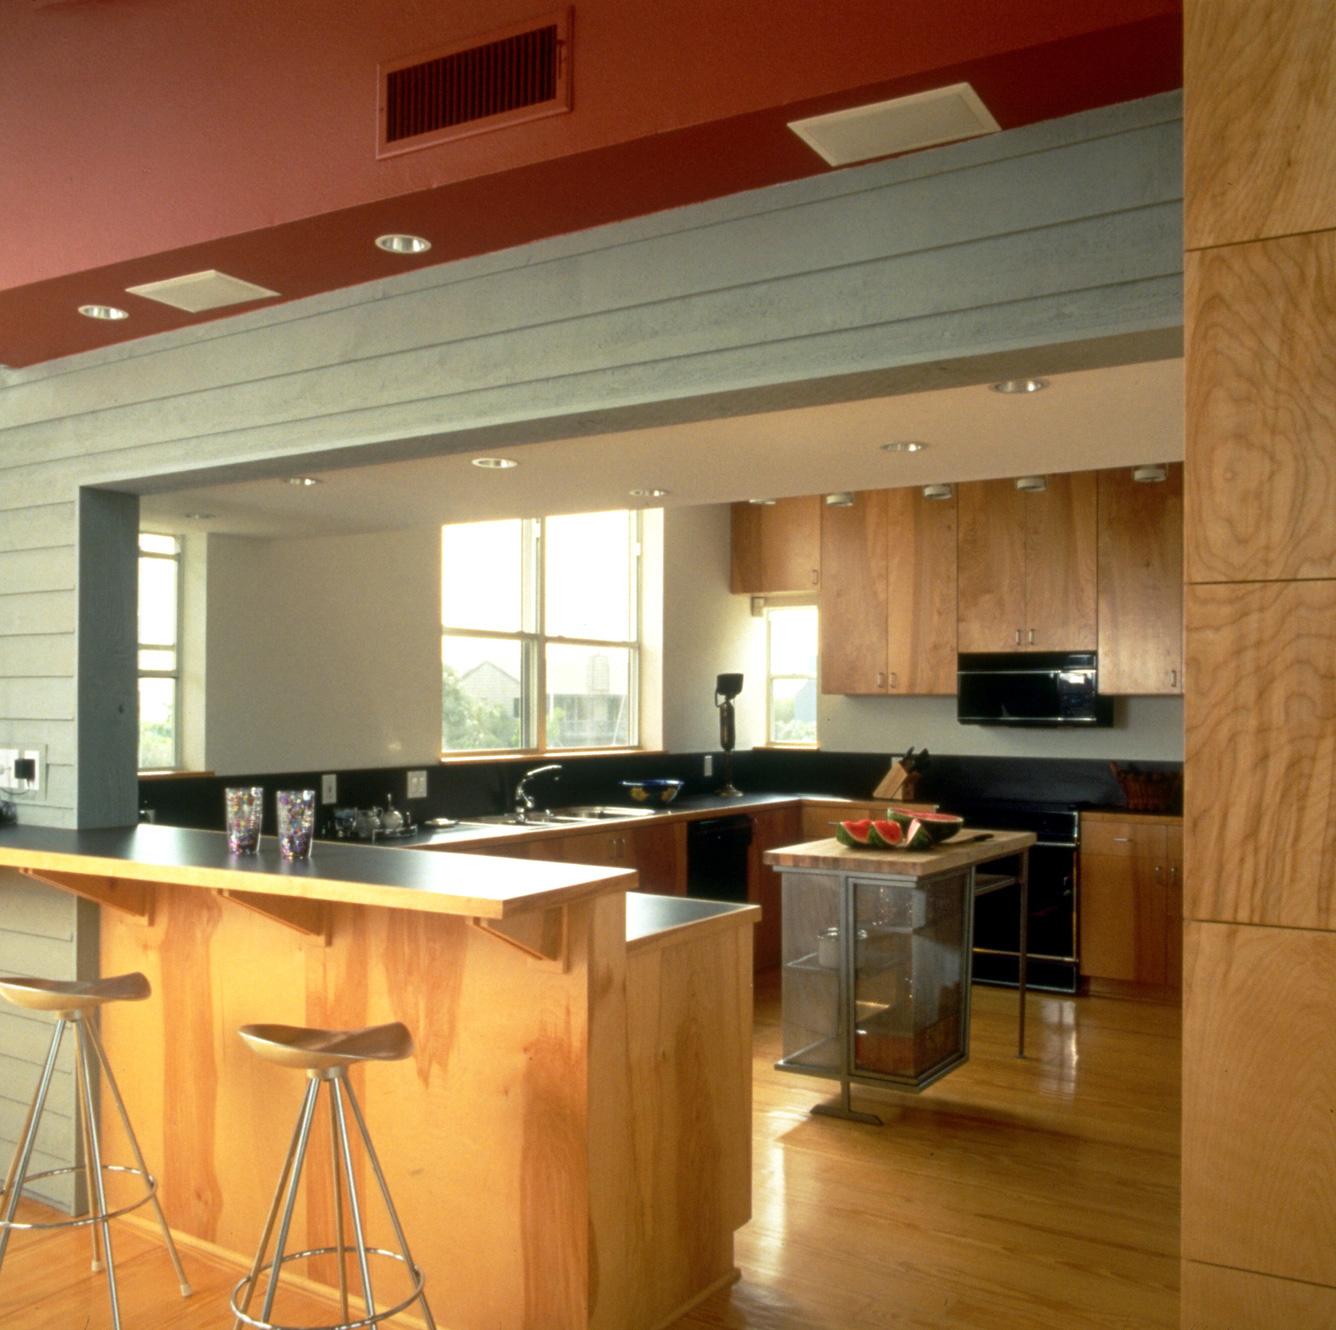 SUSMAN-kitchen 2.jpg